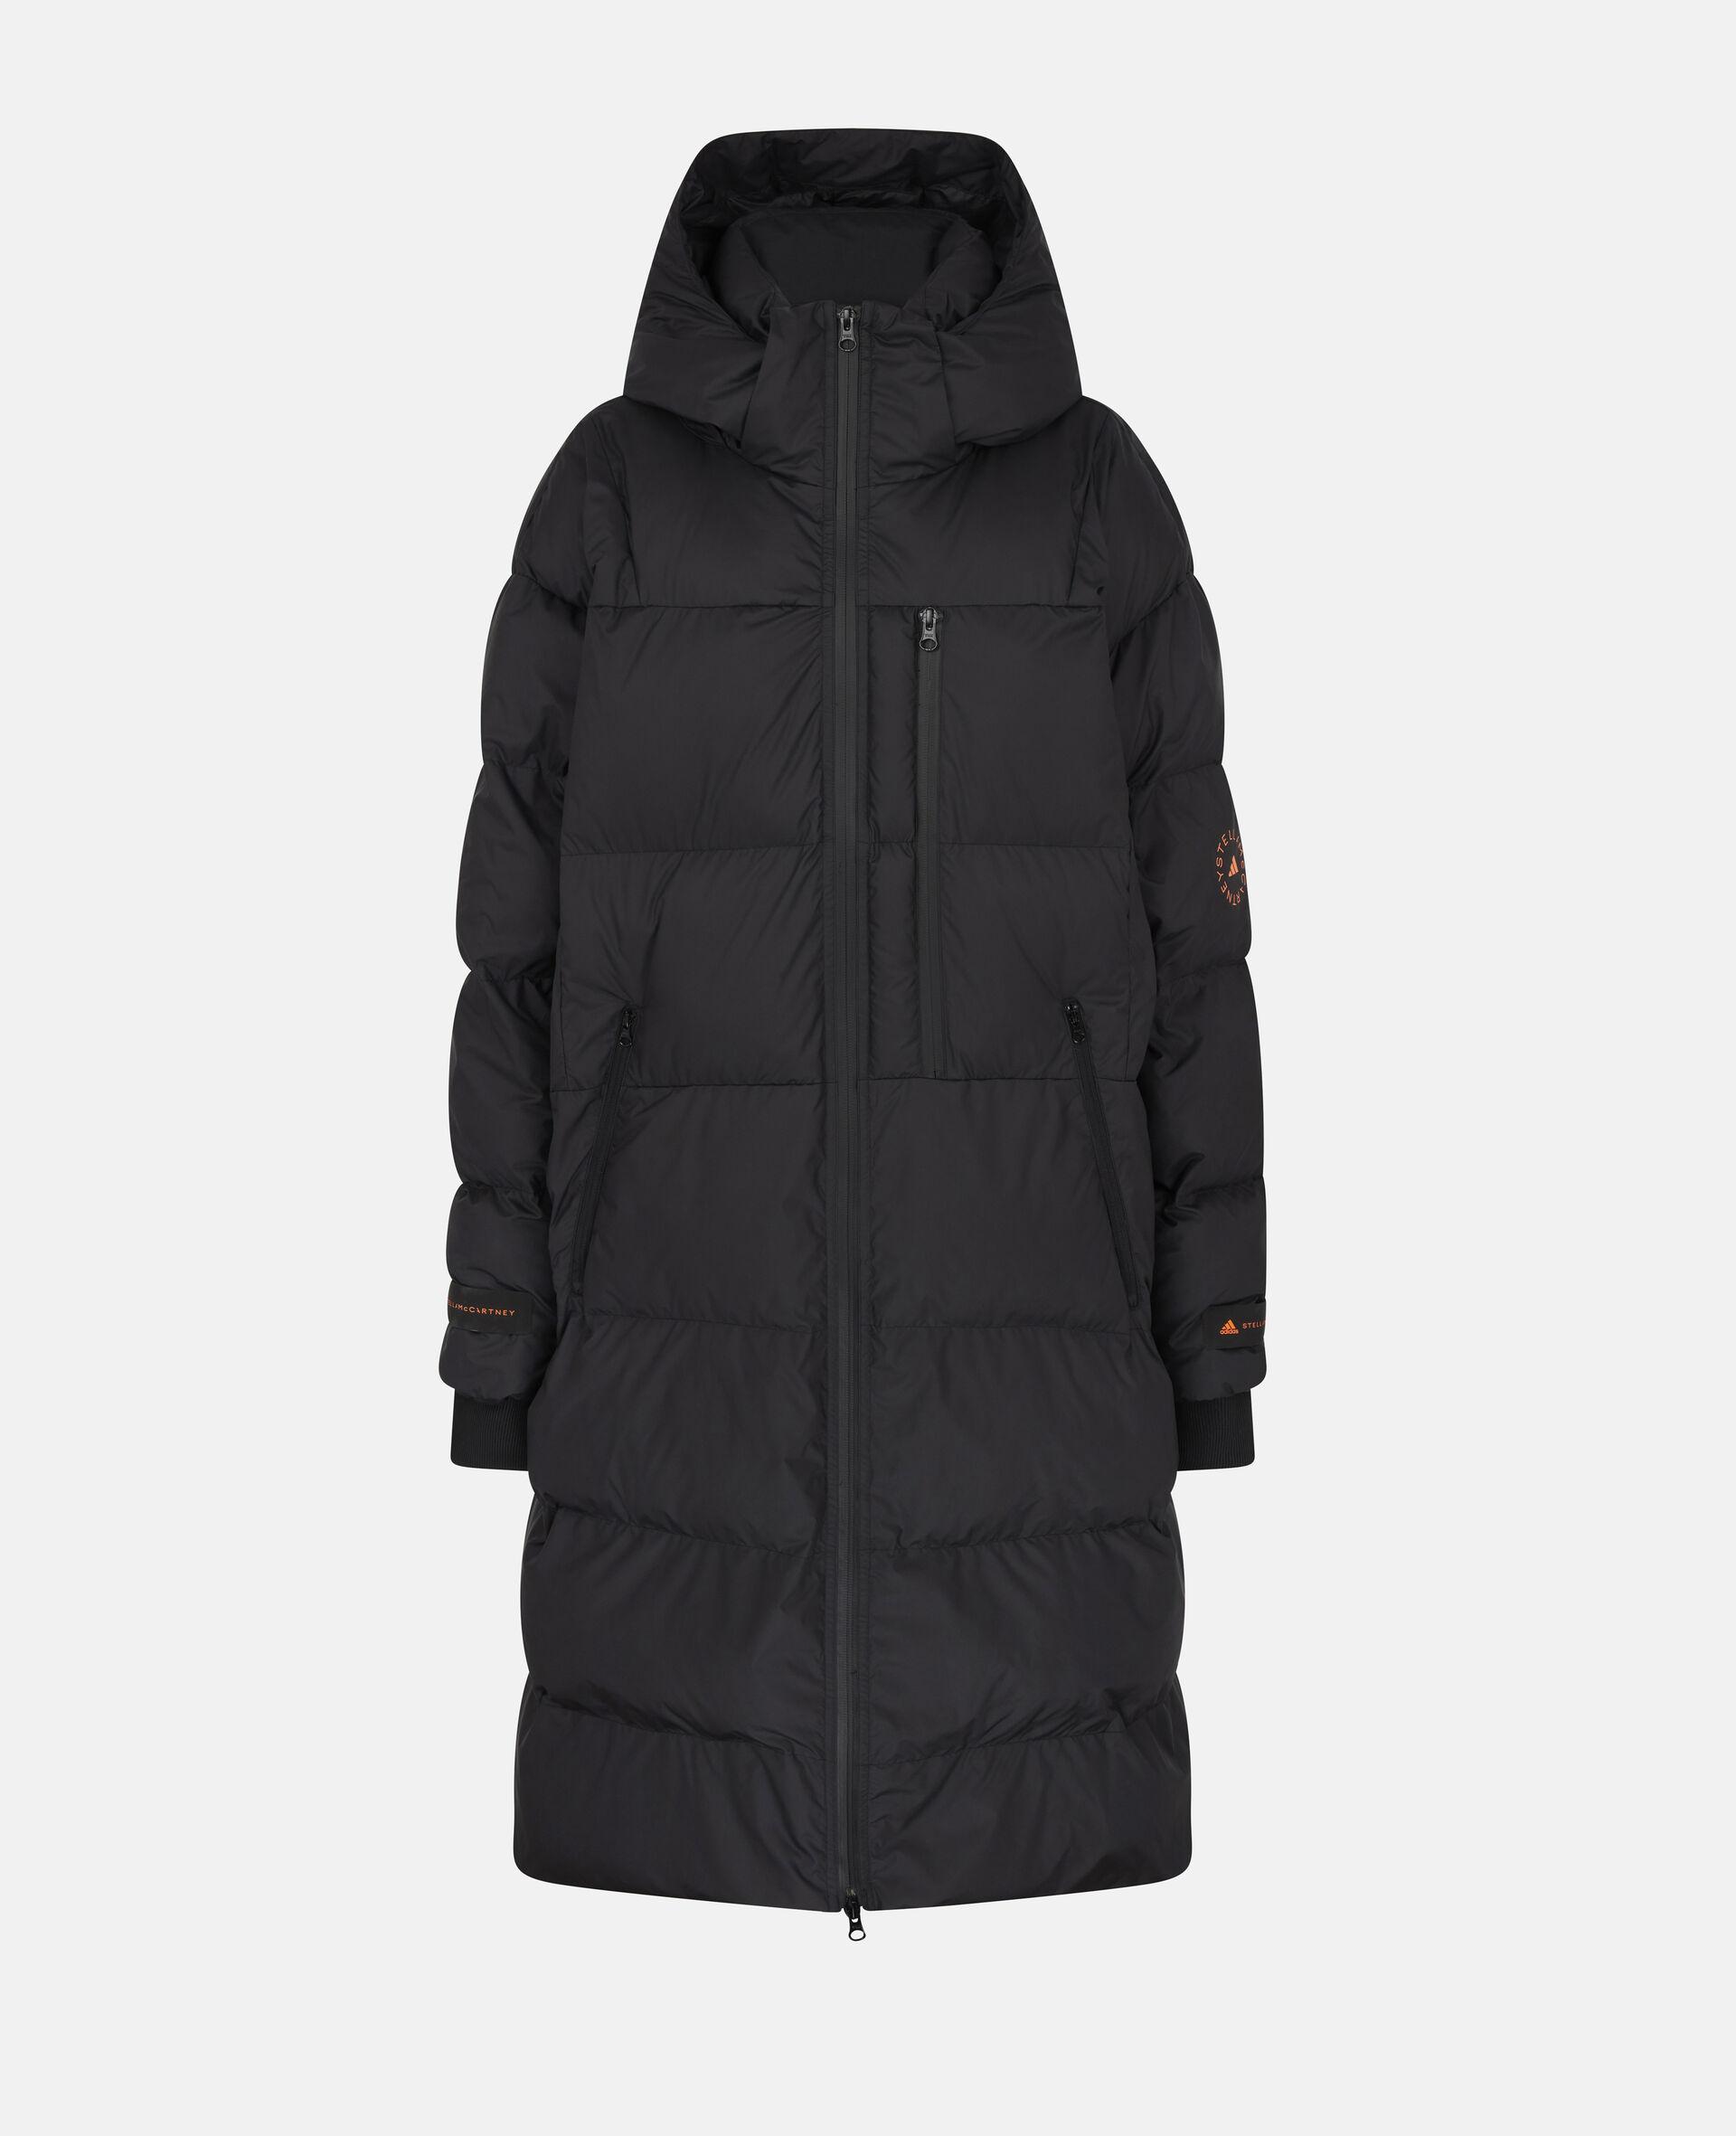 Long Training Puffer Jacket-Black-large image number 0